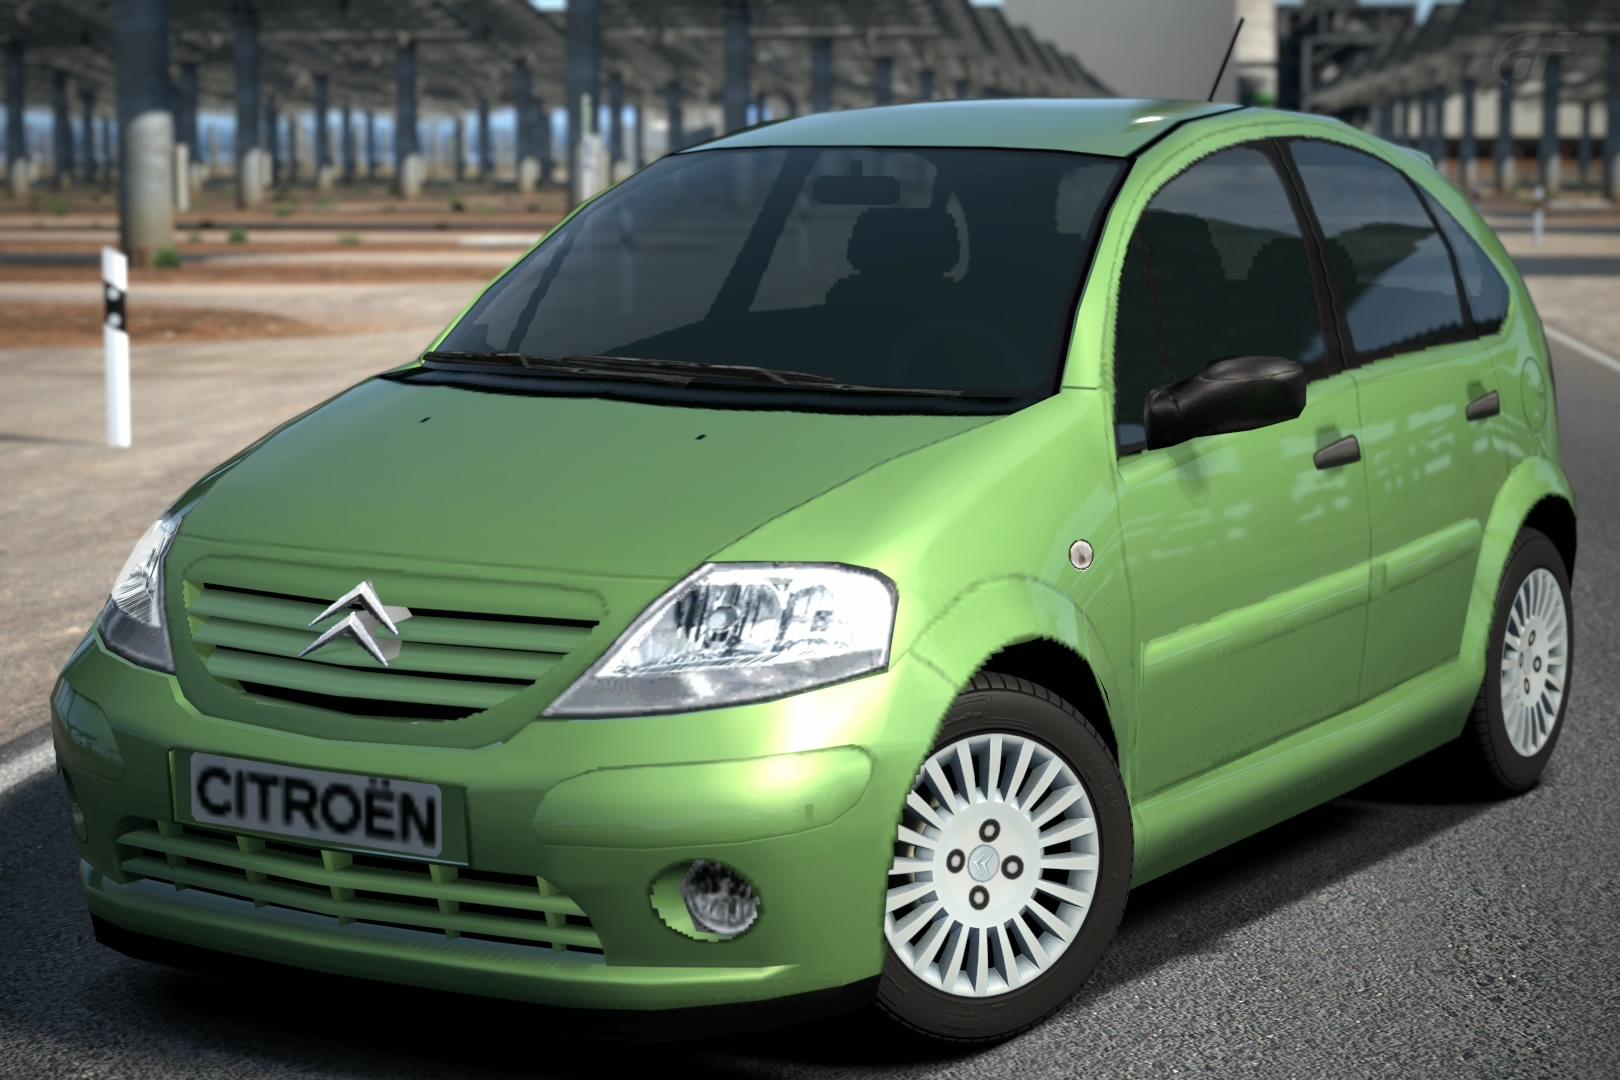 Citroën C3 1.6 '02